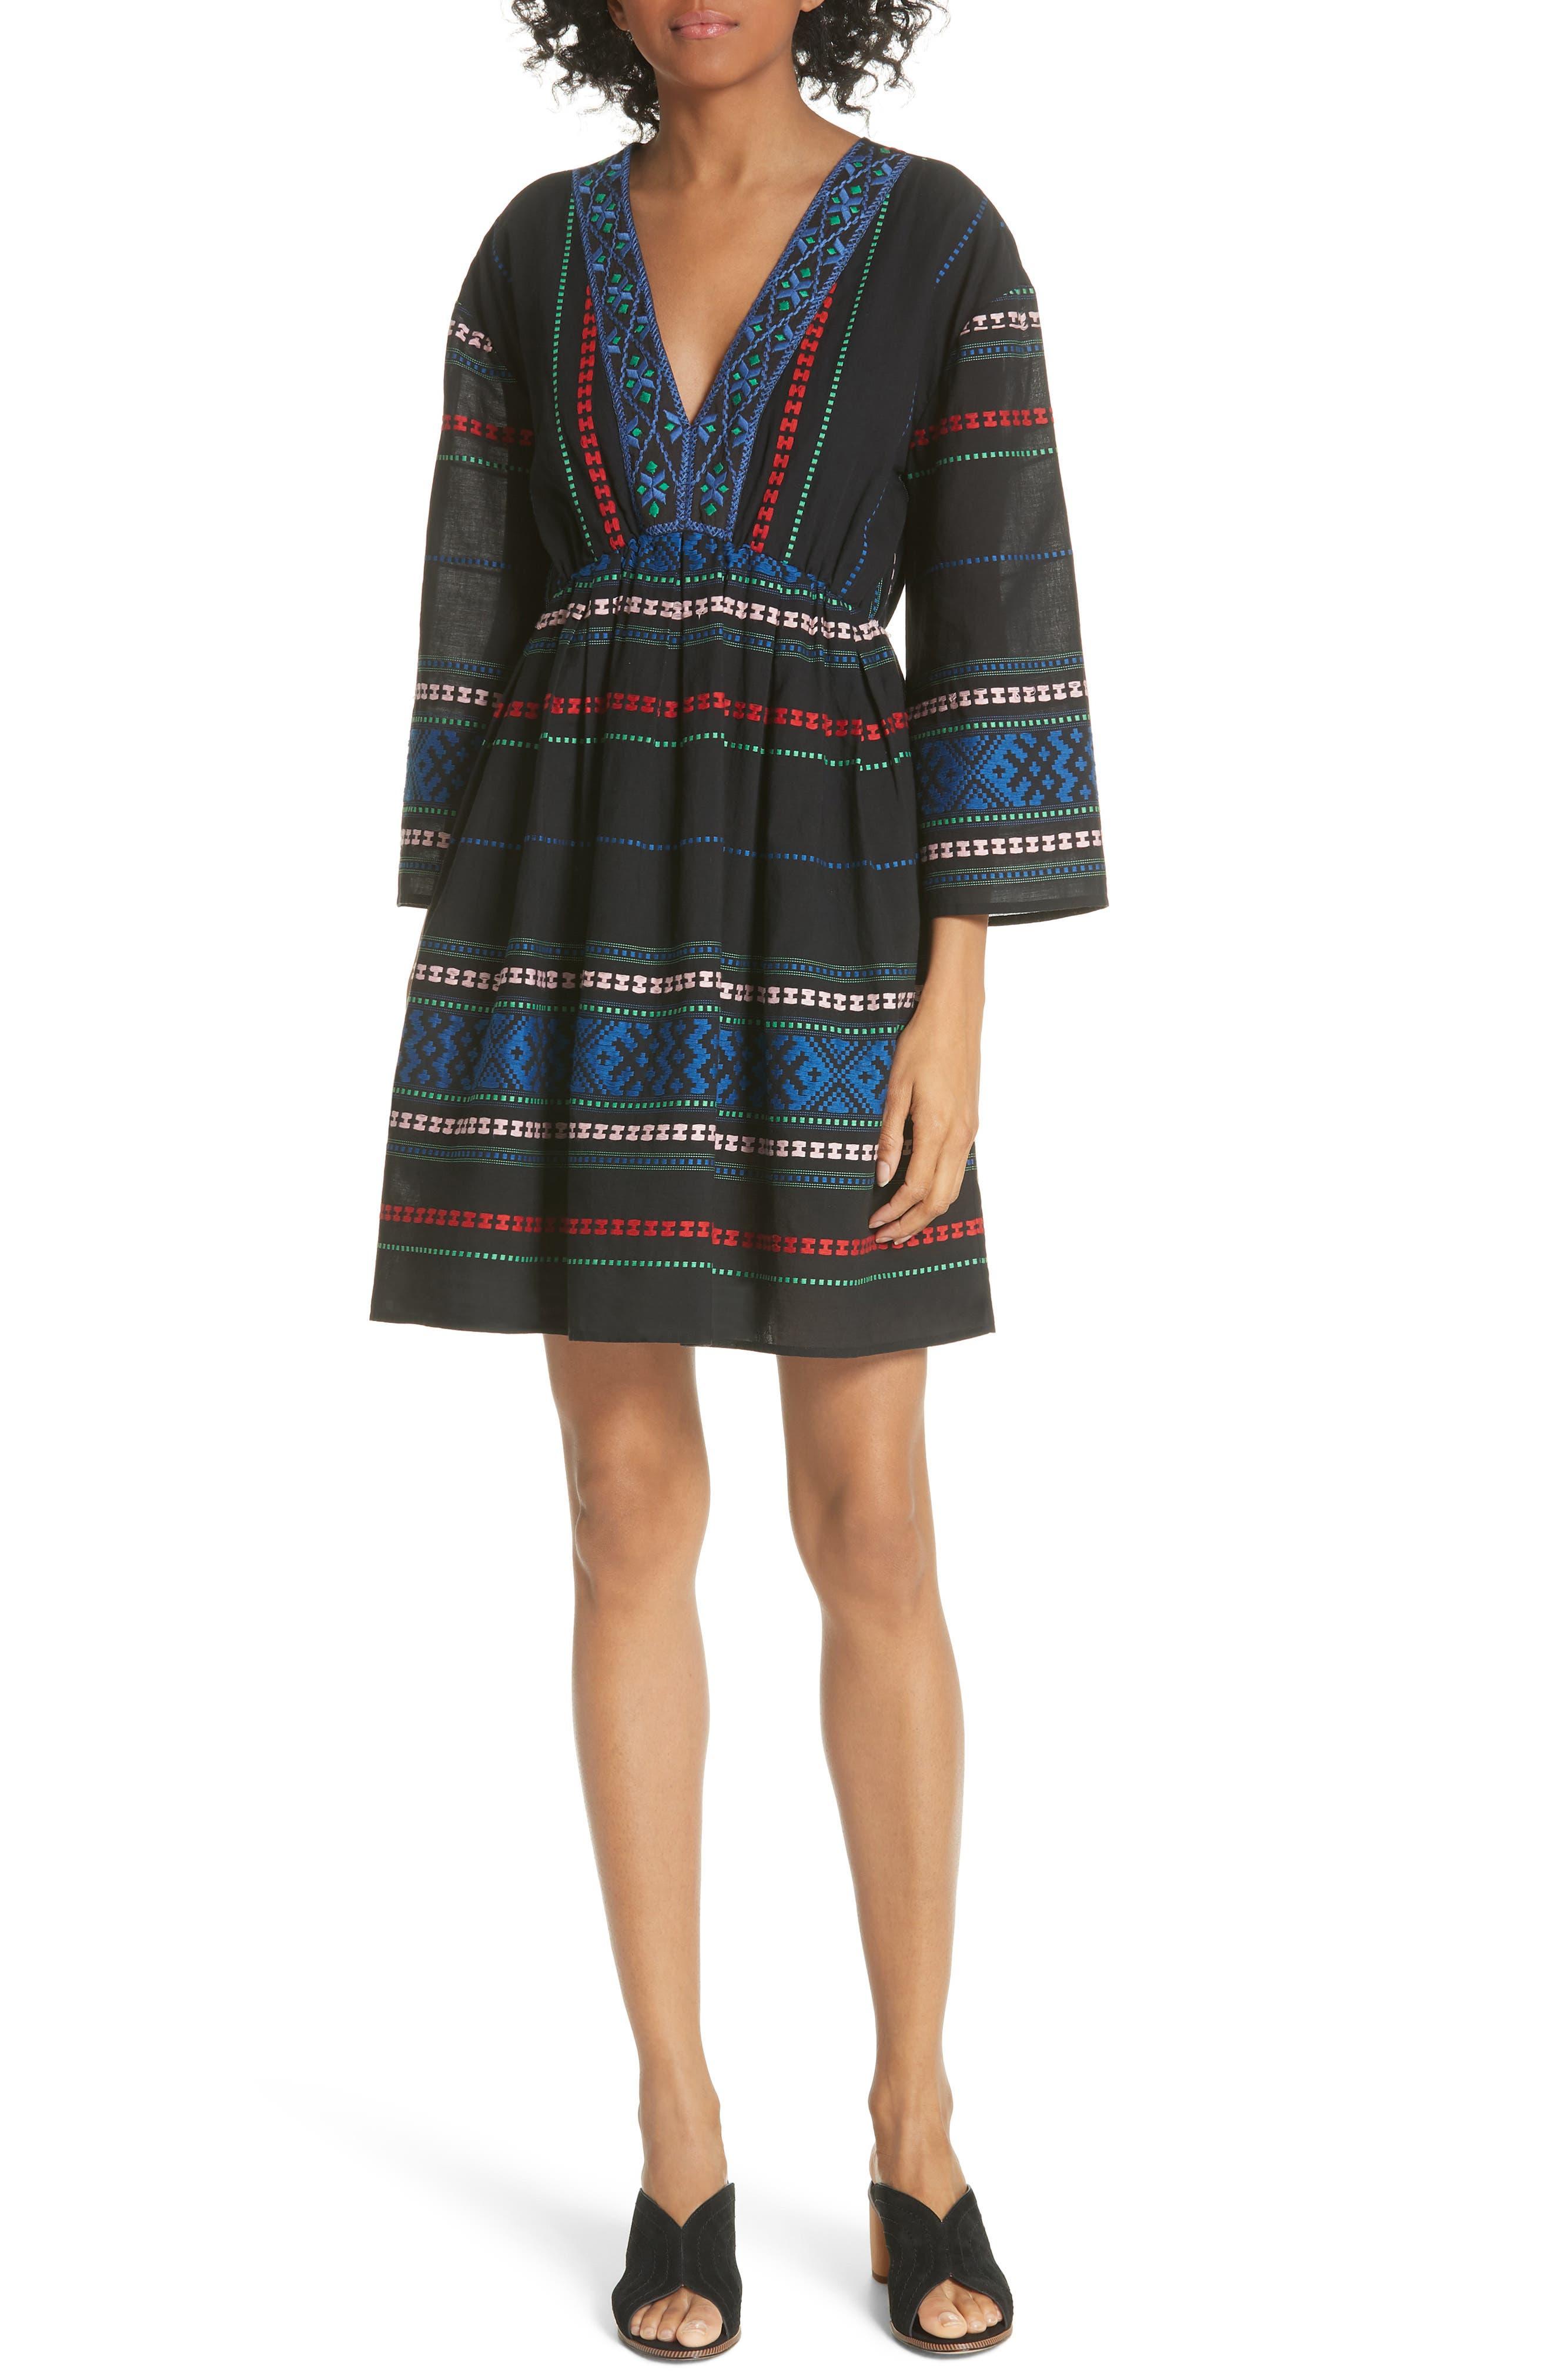 Sada Embroidered Minidress,                         Main,                         color, 002